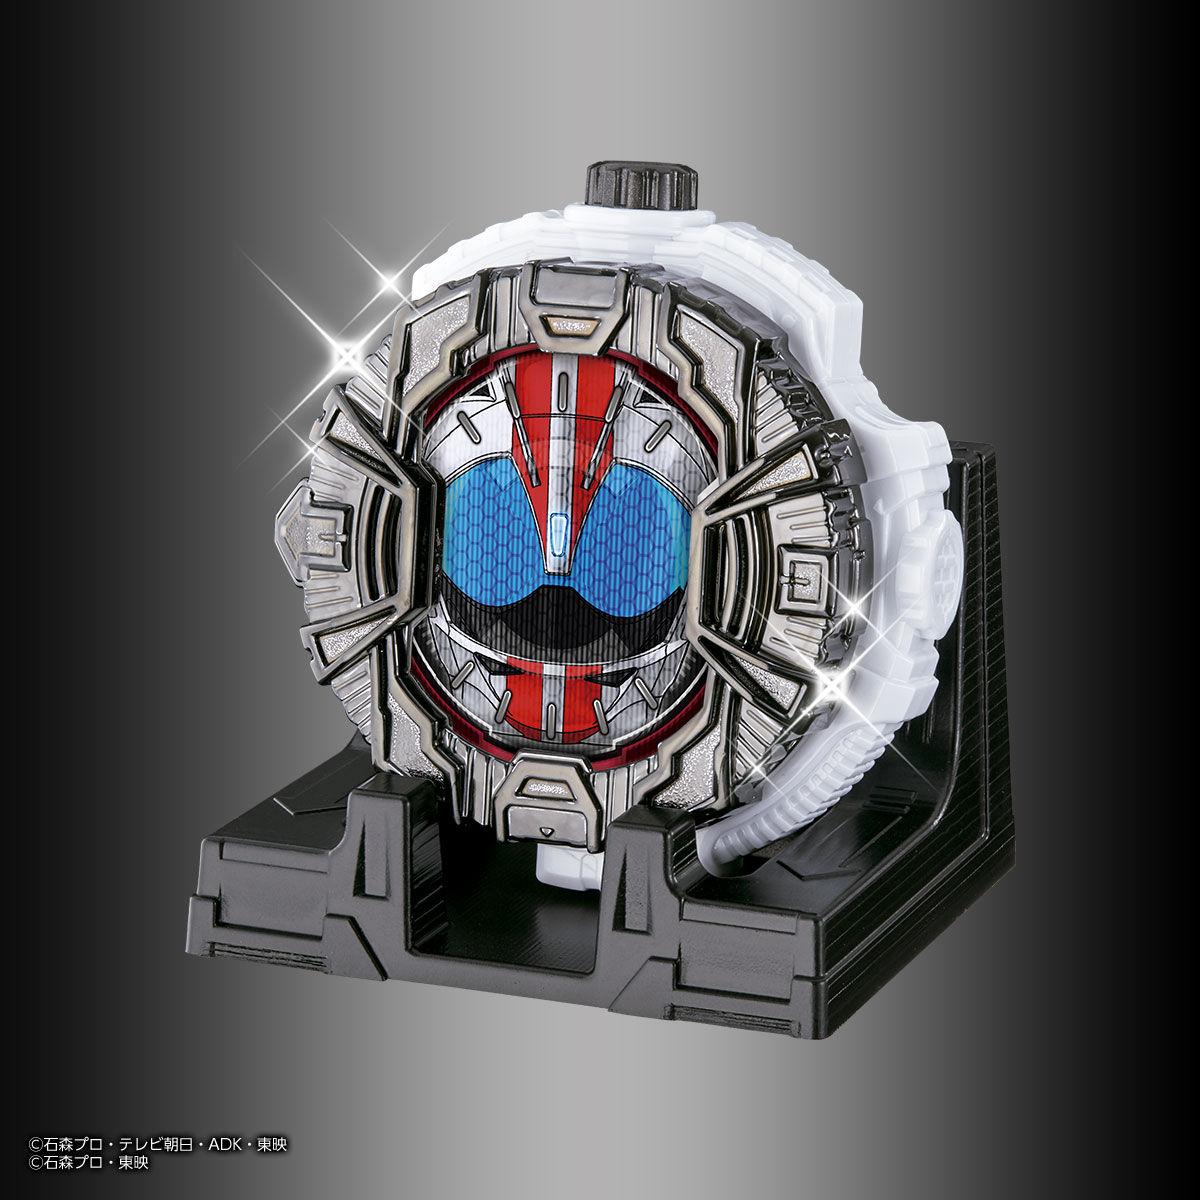 仮面ライダージオウ サウンドライドウォッチシリーズ『GPライドウォッチPB02』ガシャポン-009